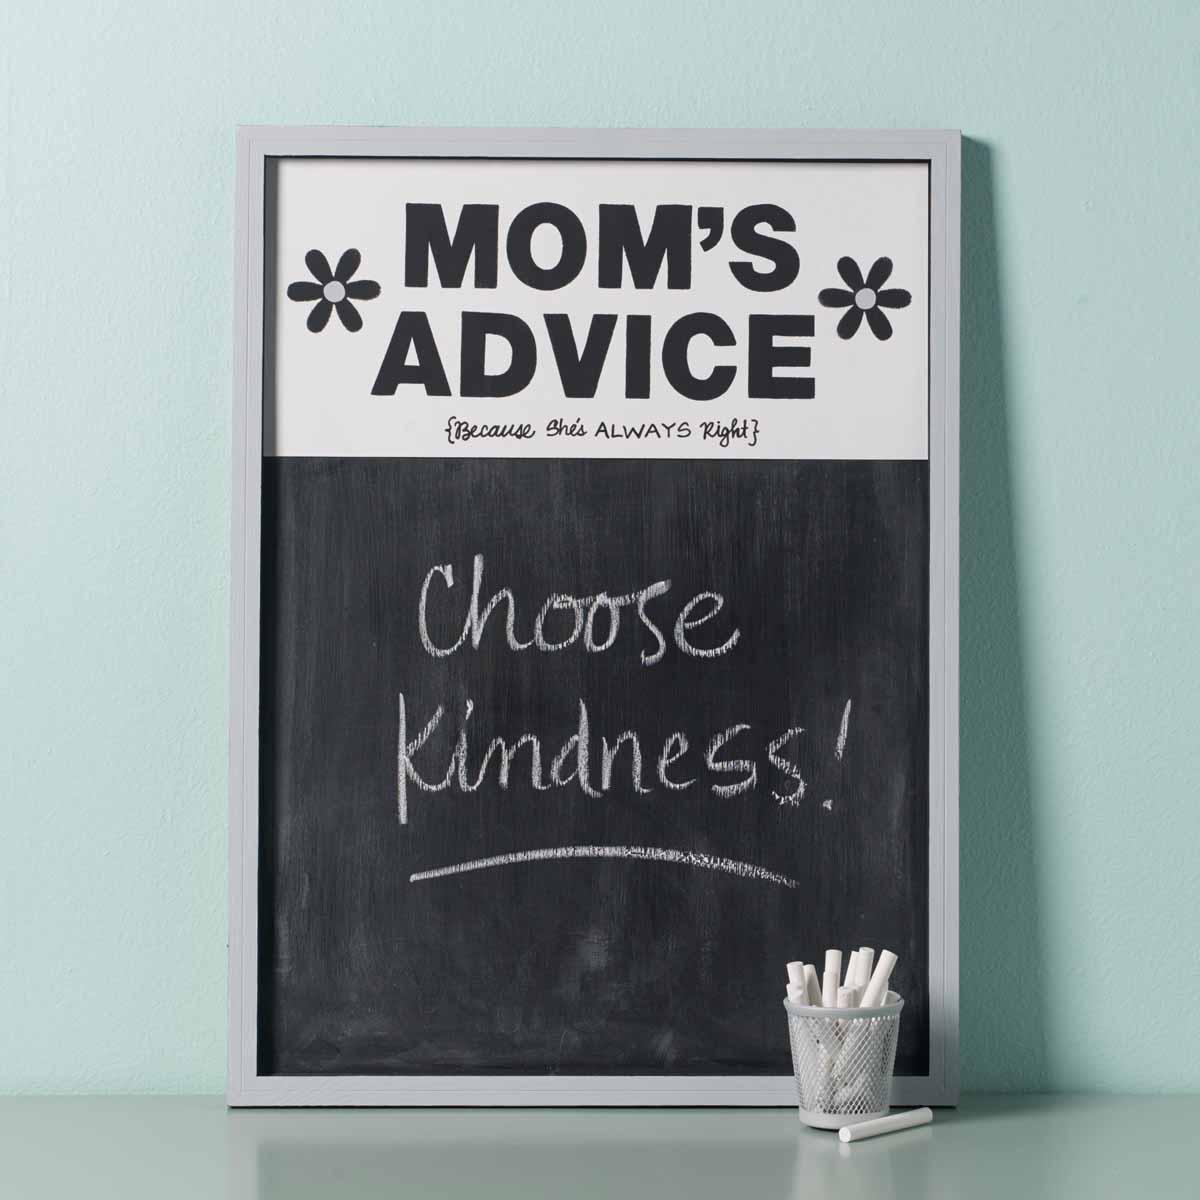 How to Make a Mom's Advice Chalkboard